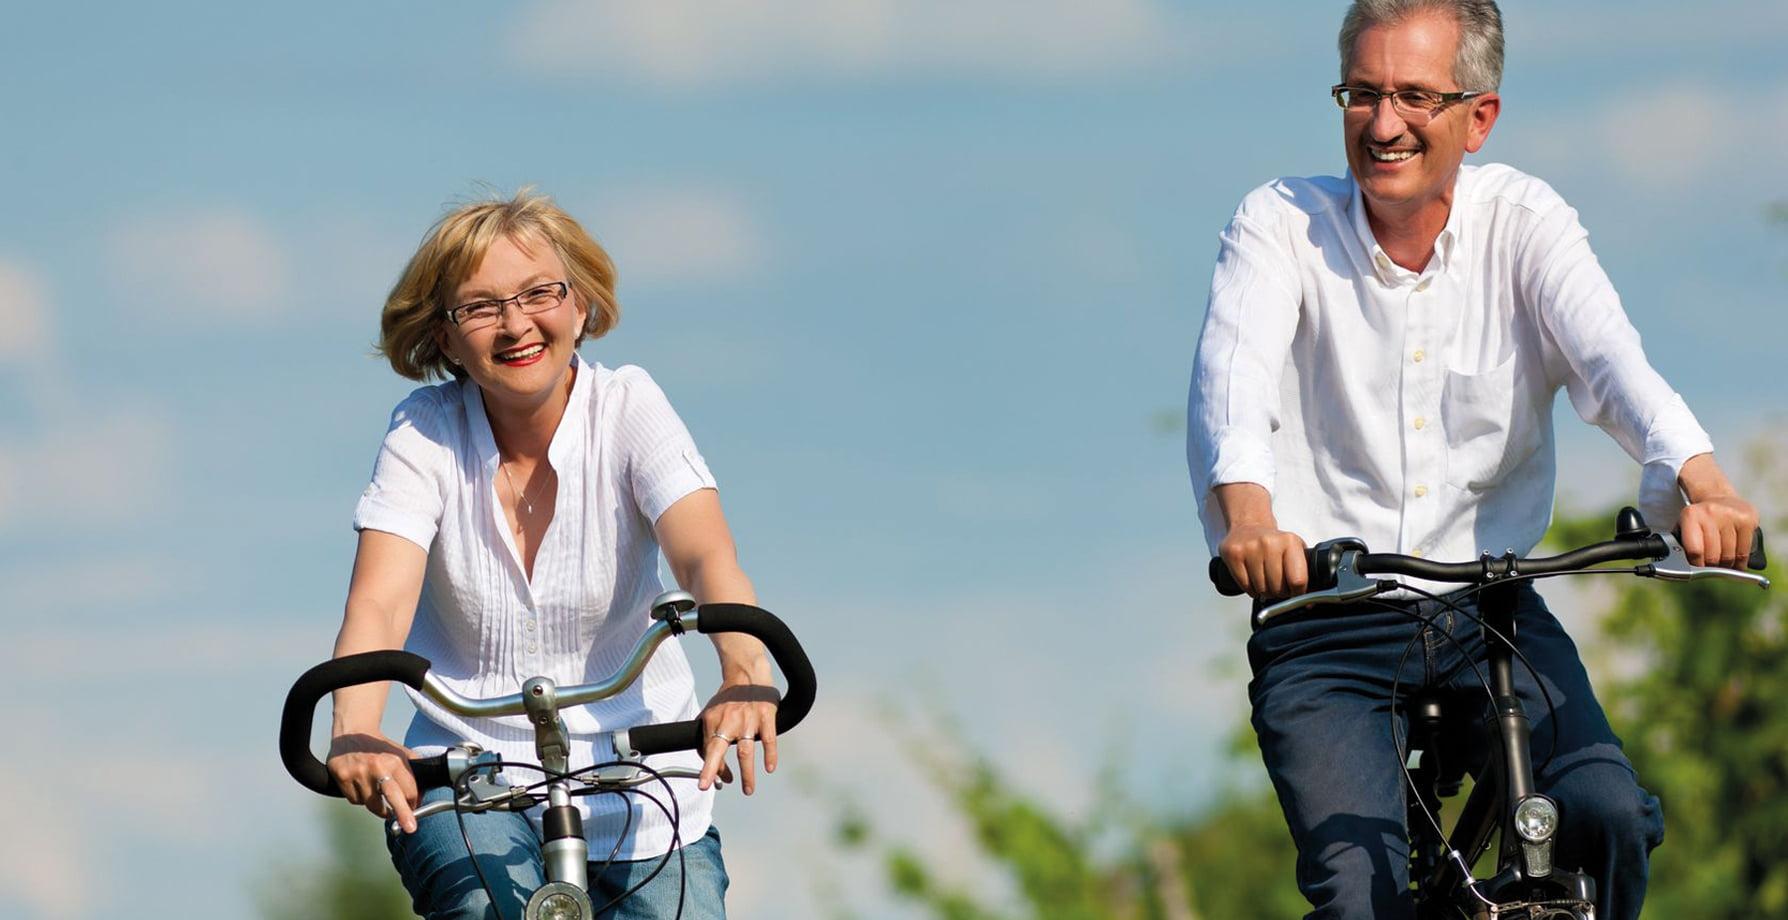 fietsverhuur_1788x920